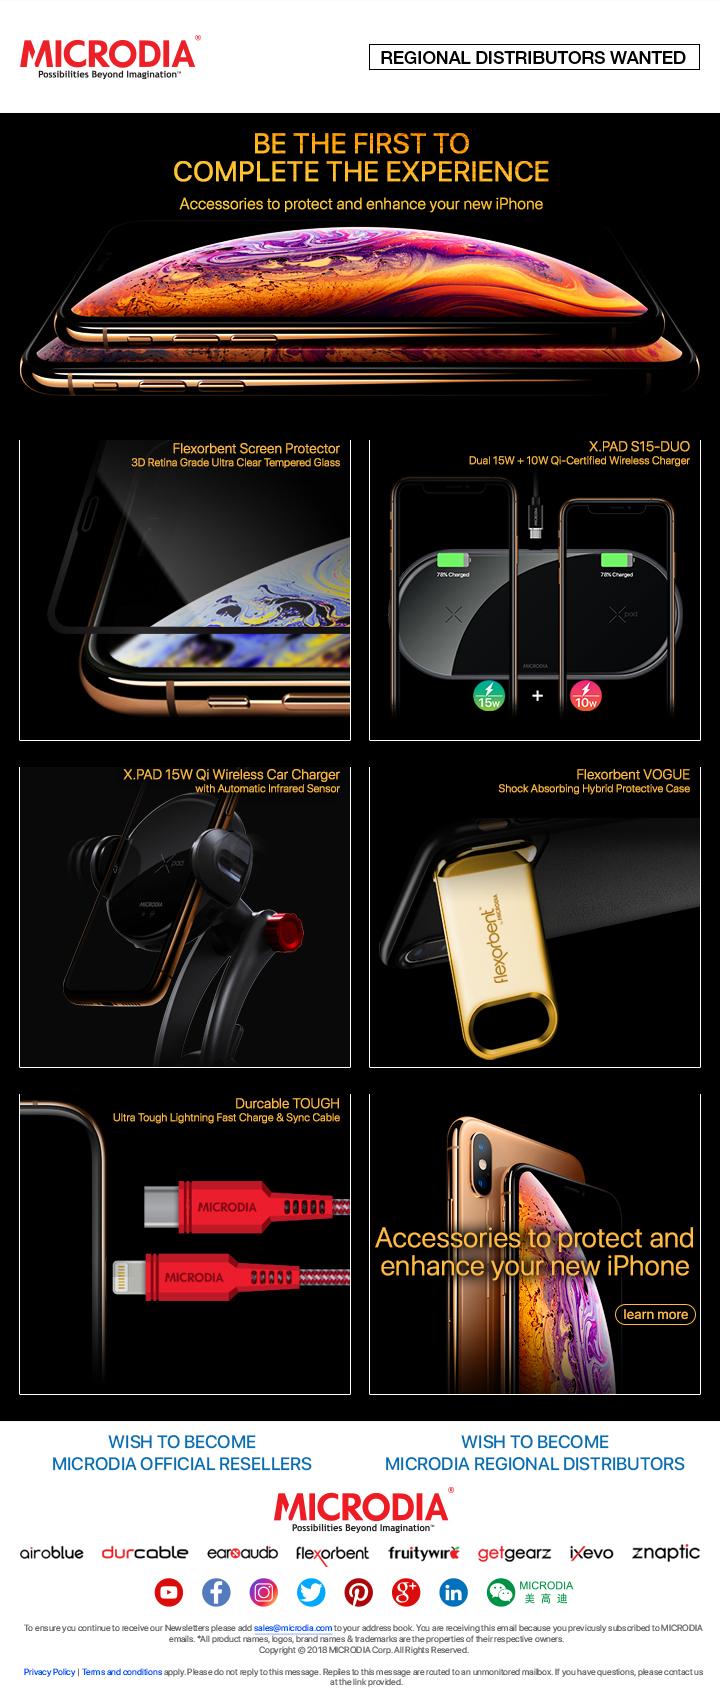 Comprehensive Range of Accessories